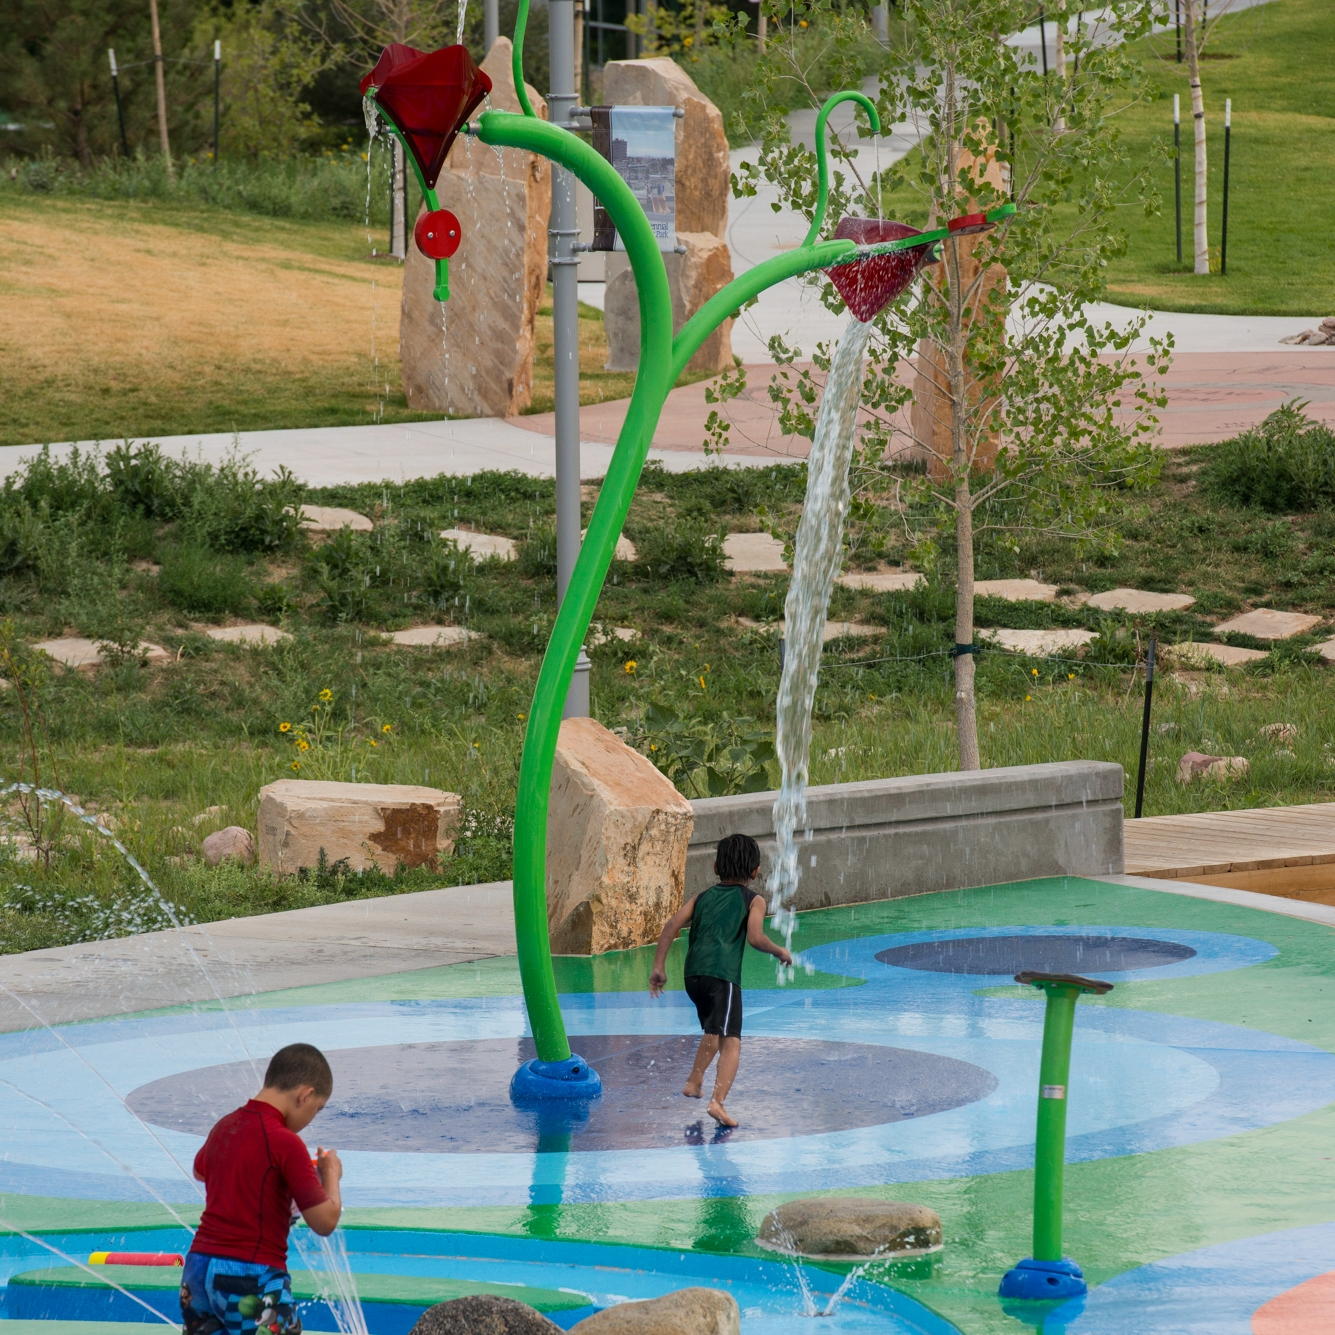 Water dumping on kids at award winning splash pad water play park